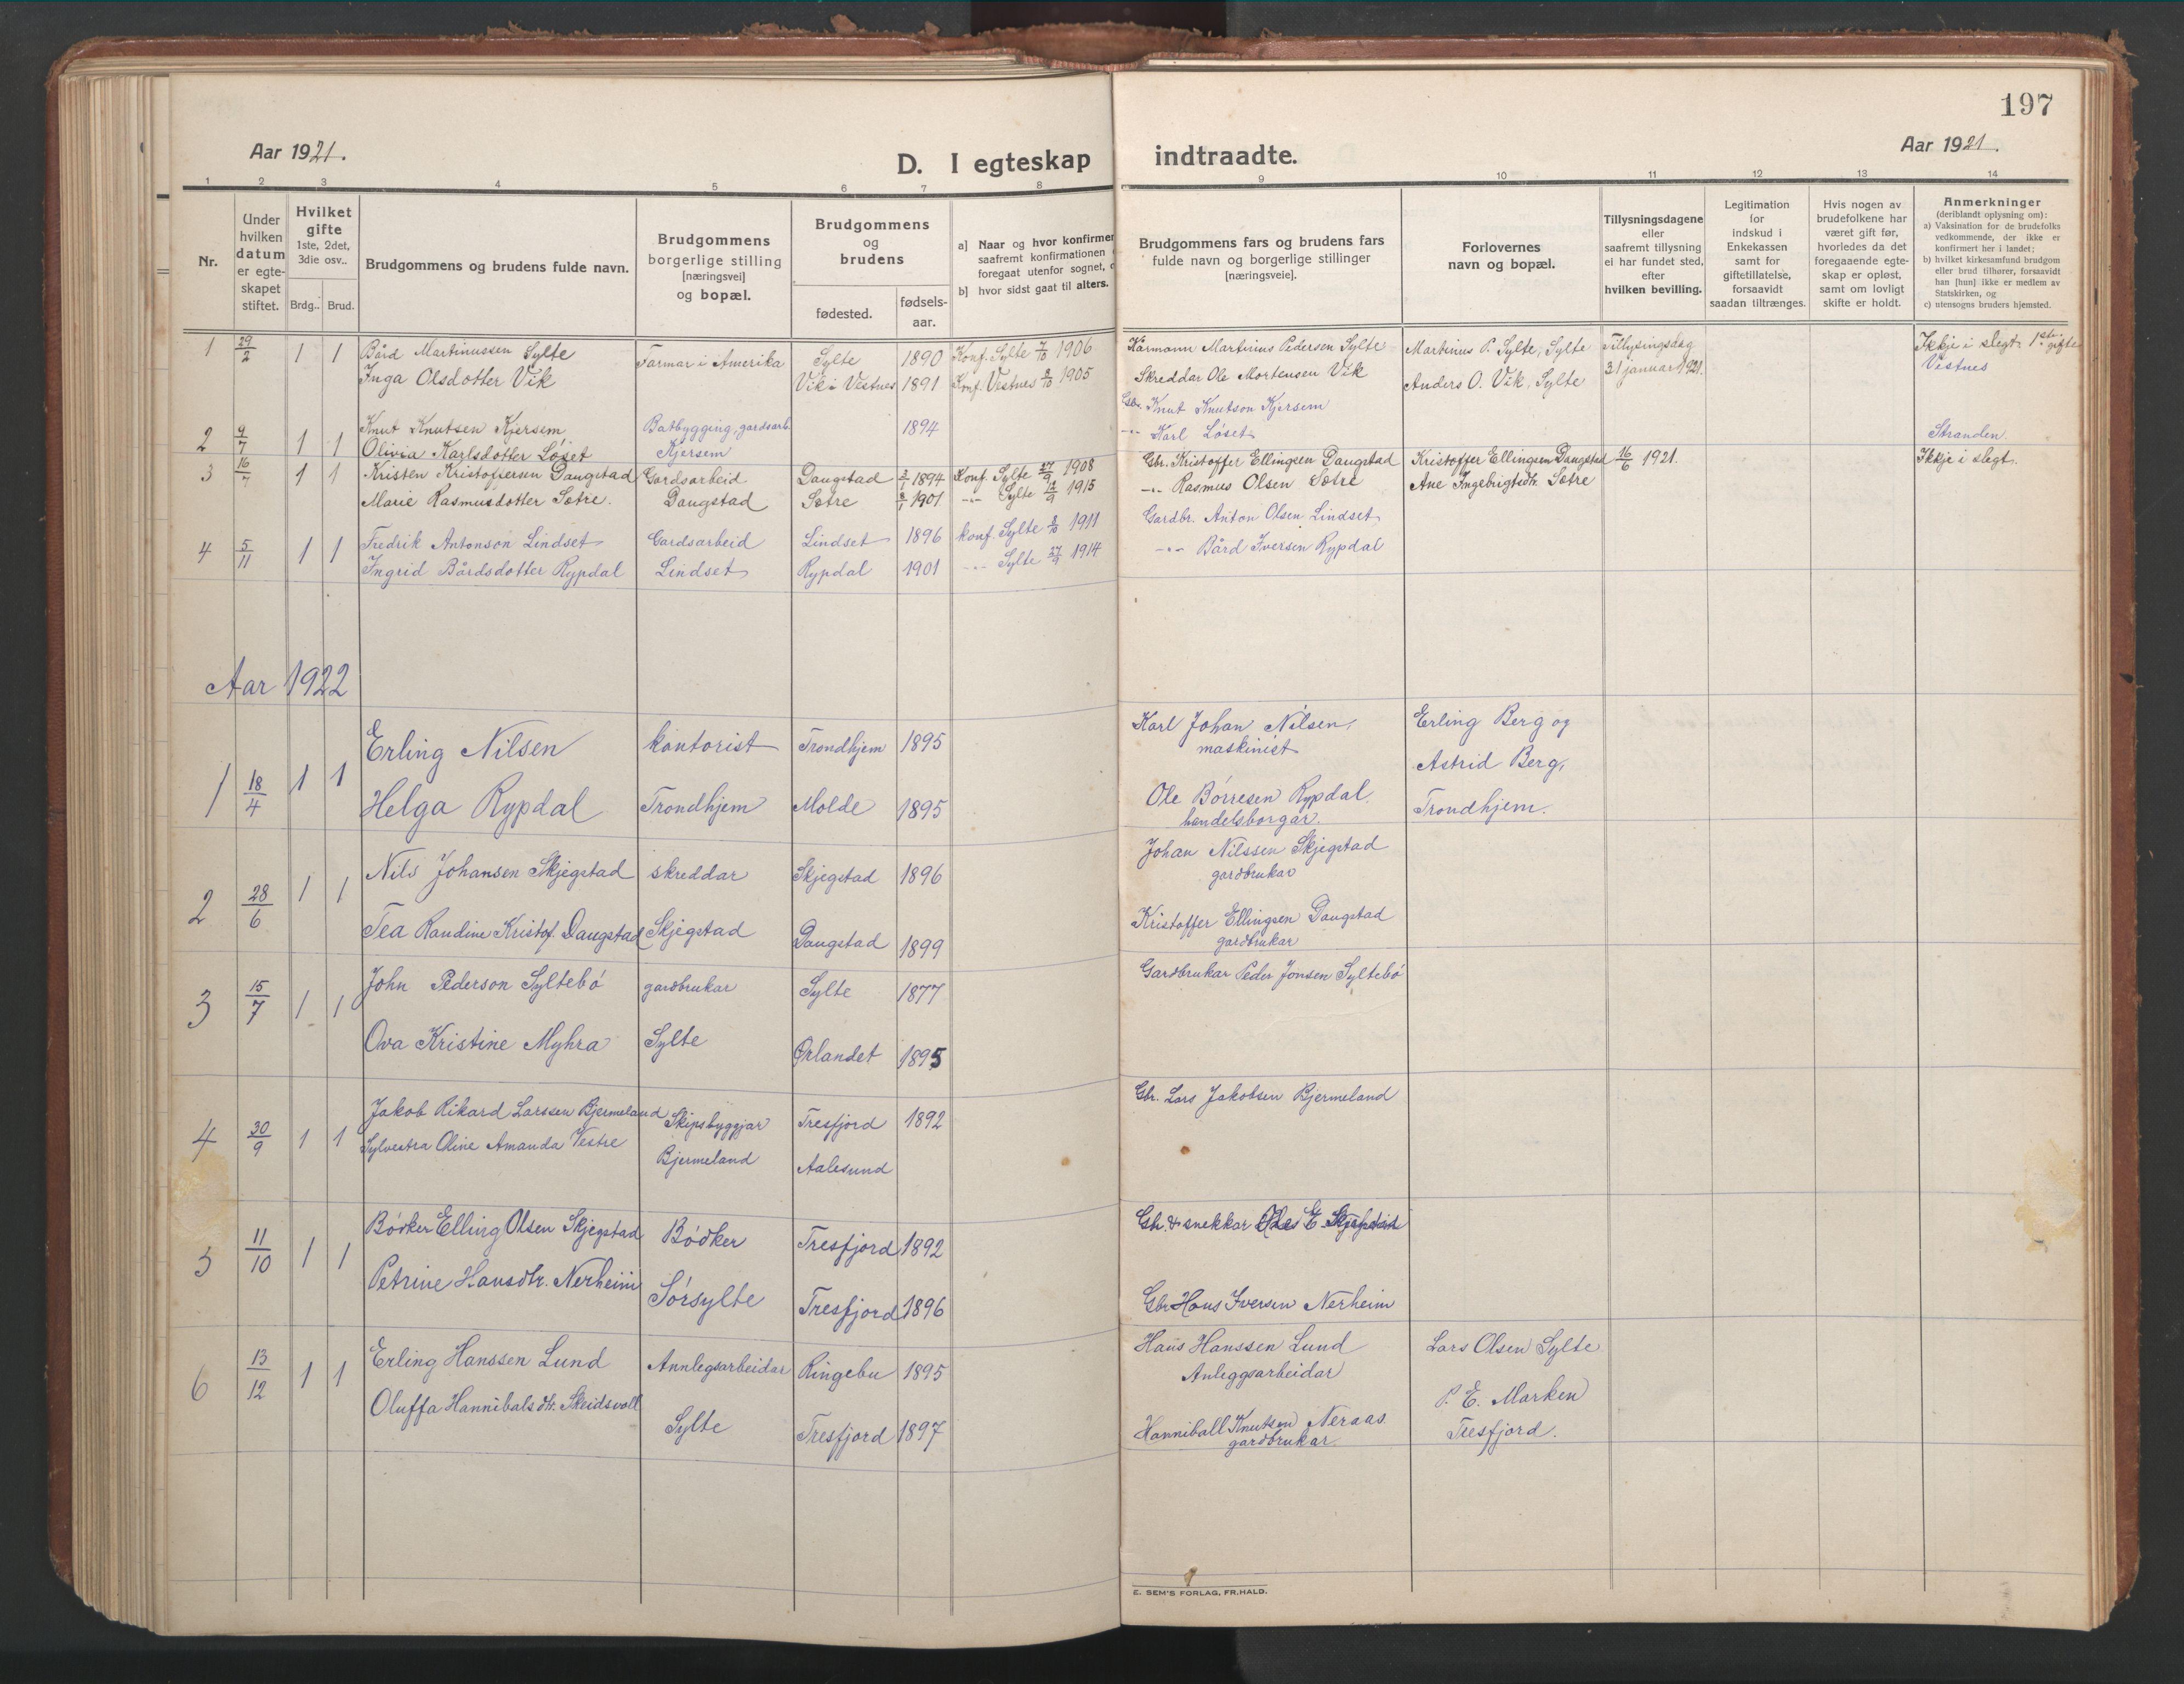 SAT, Ministerialprotokoller, klokkerbøker og fødselsregistre - Møre og Romsdal, 541/L0548: Klokkerbok nr. 541C03, 1921-1960, s. 197